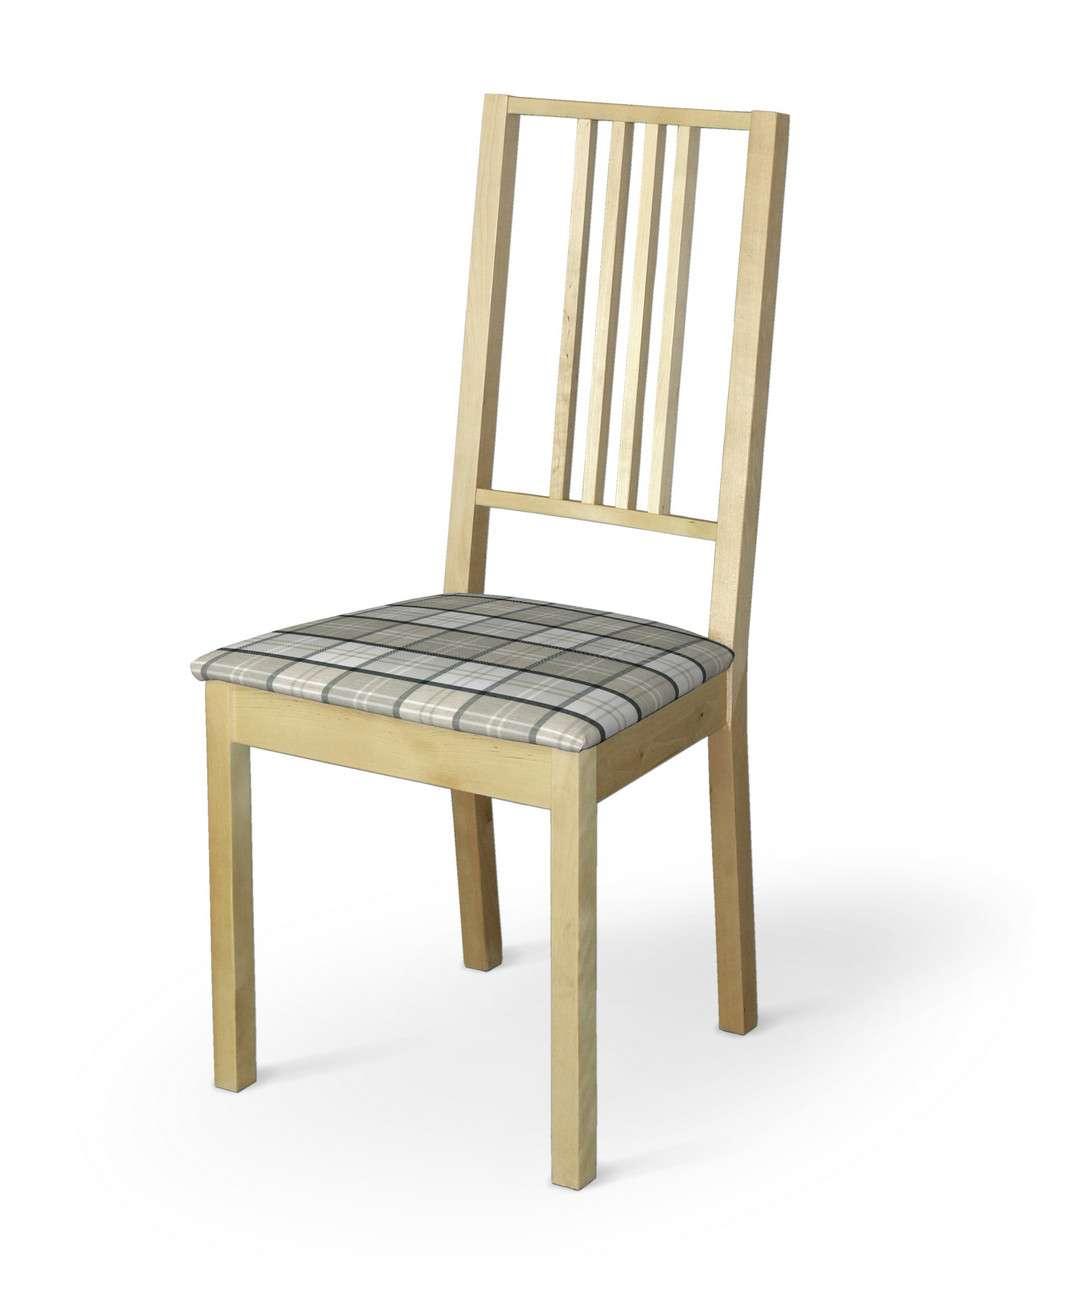 Pokrowiec na siedzisko Börje w kolekcji Bristol, tkanina: 143-64